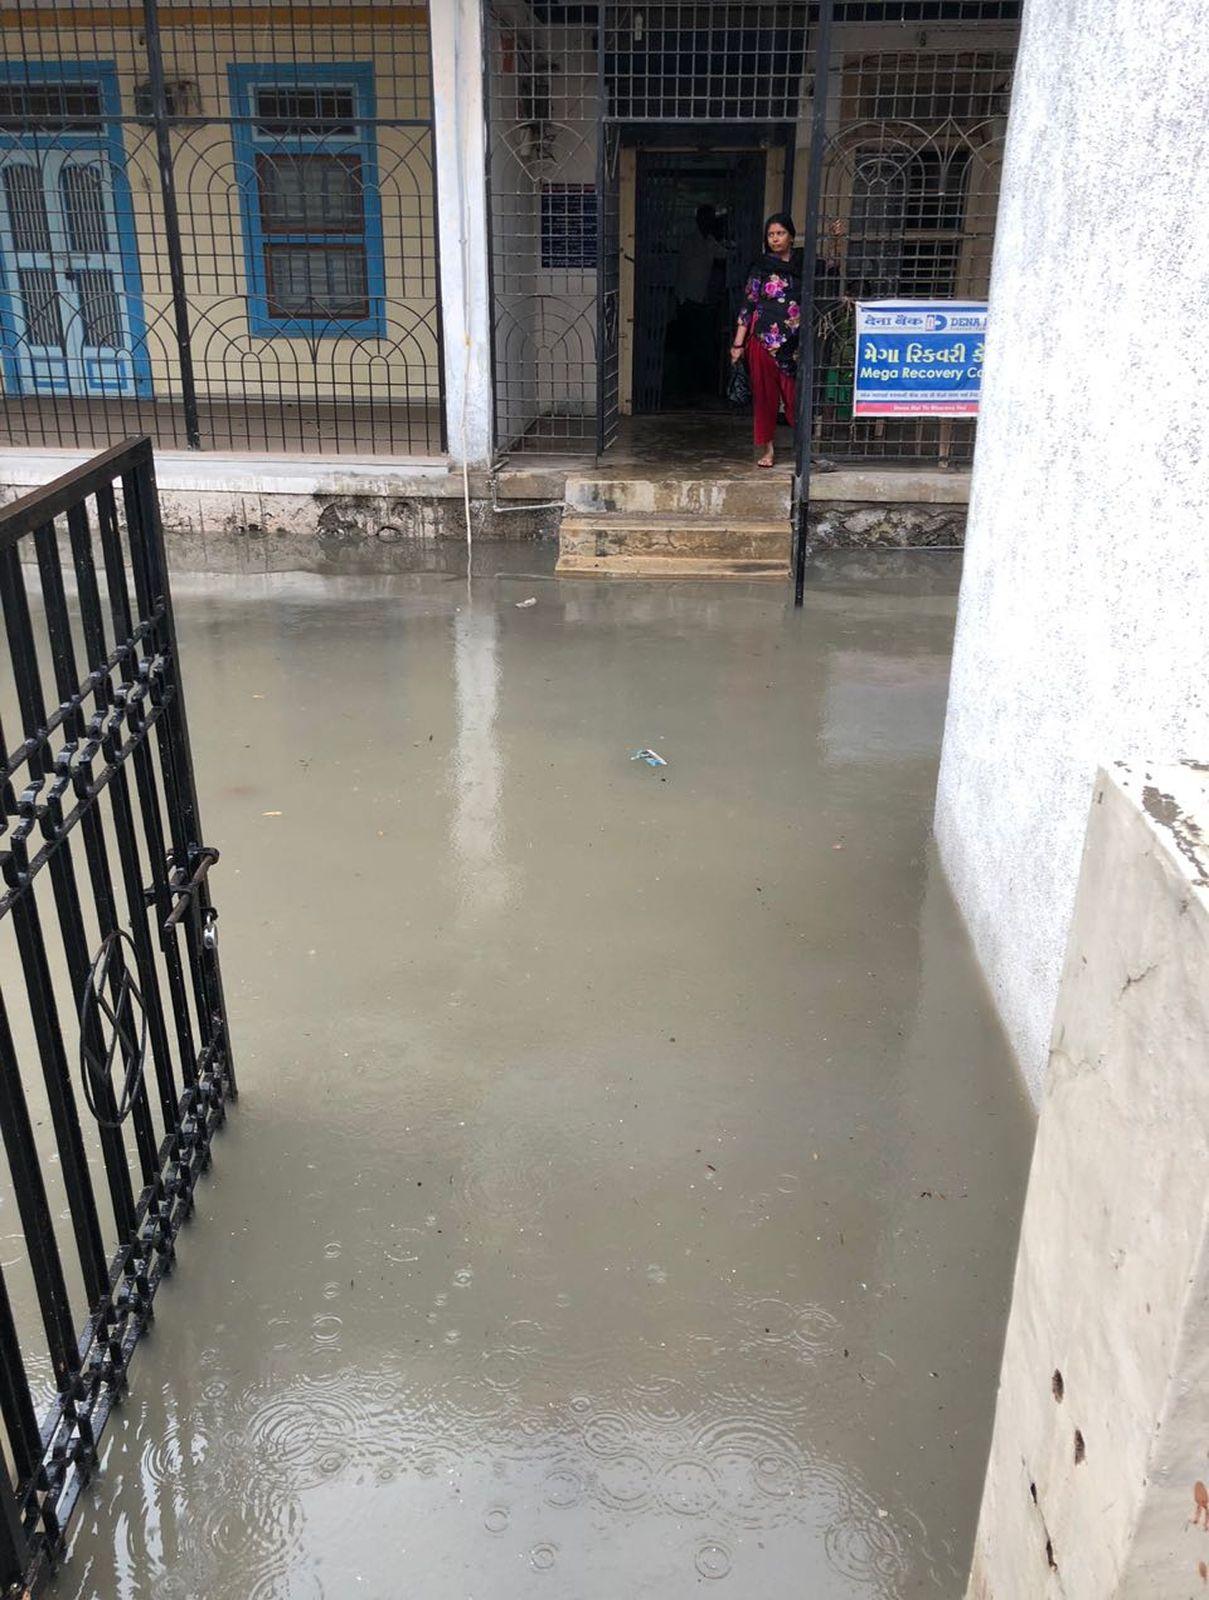 तेज बारिश खतरा अभी थमा नहीं, किंतु जल से भरे इन गांवों की न प्रशासन और न सरकार को कोई फिक्र, खराब हैं हालात